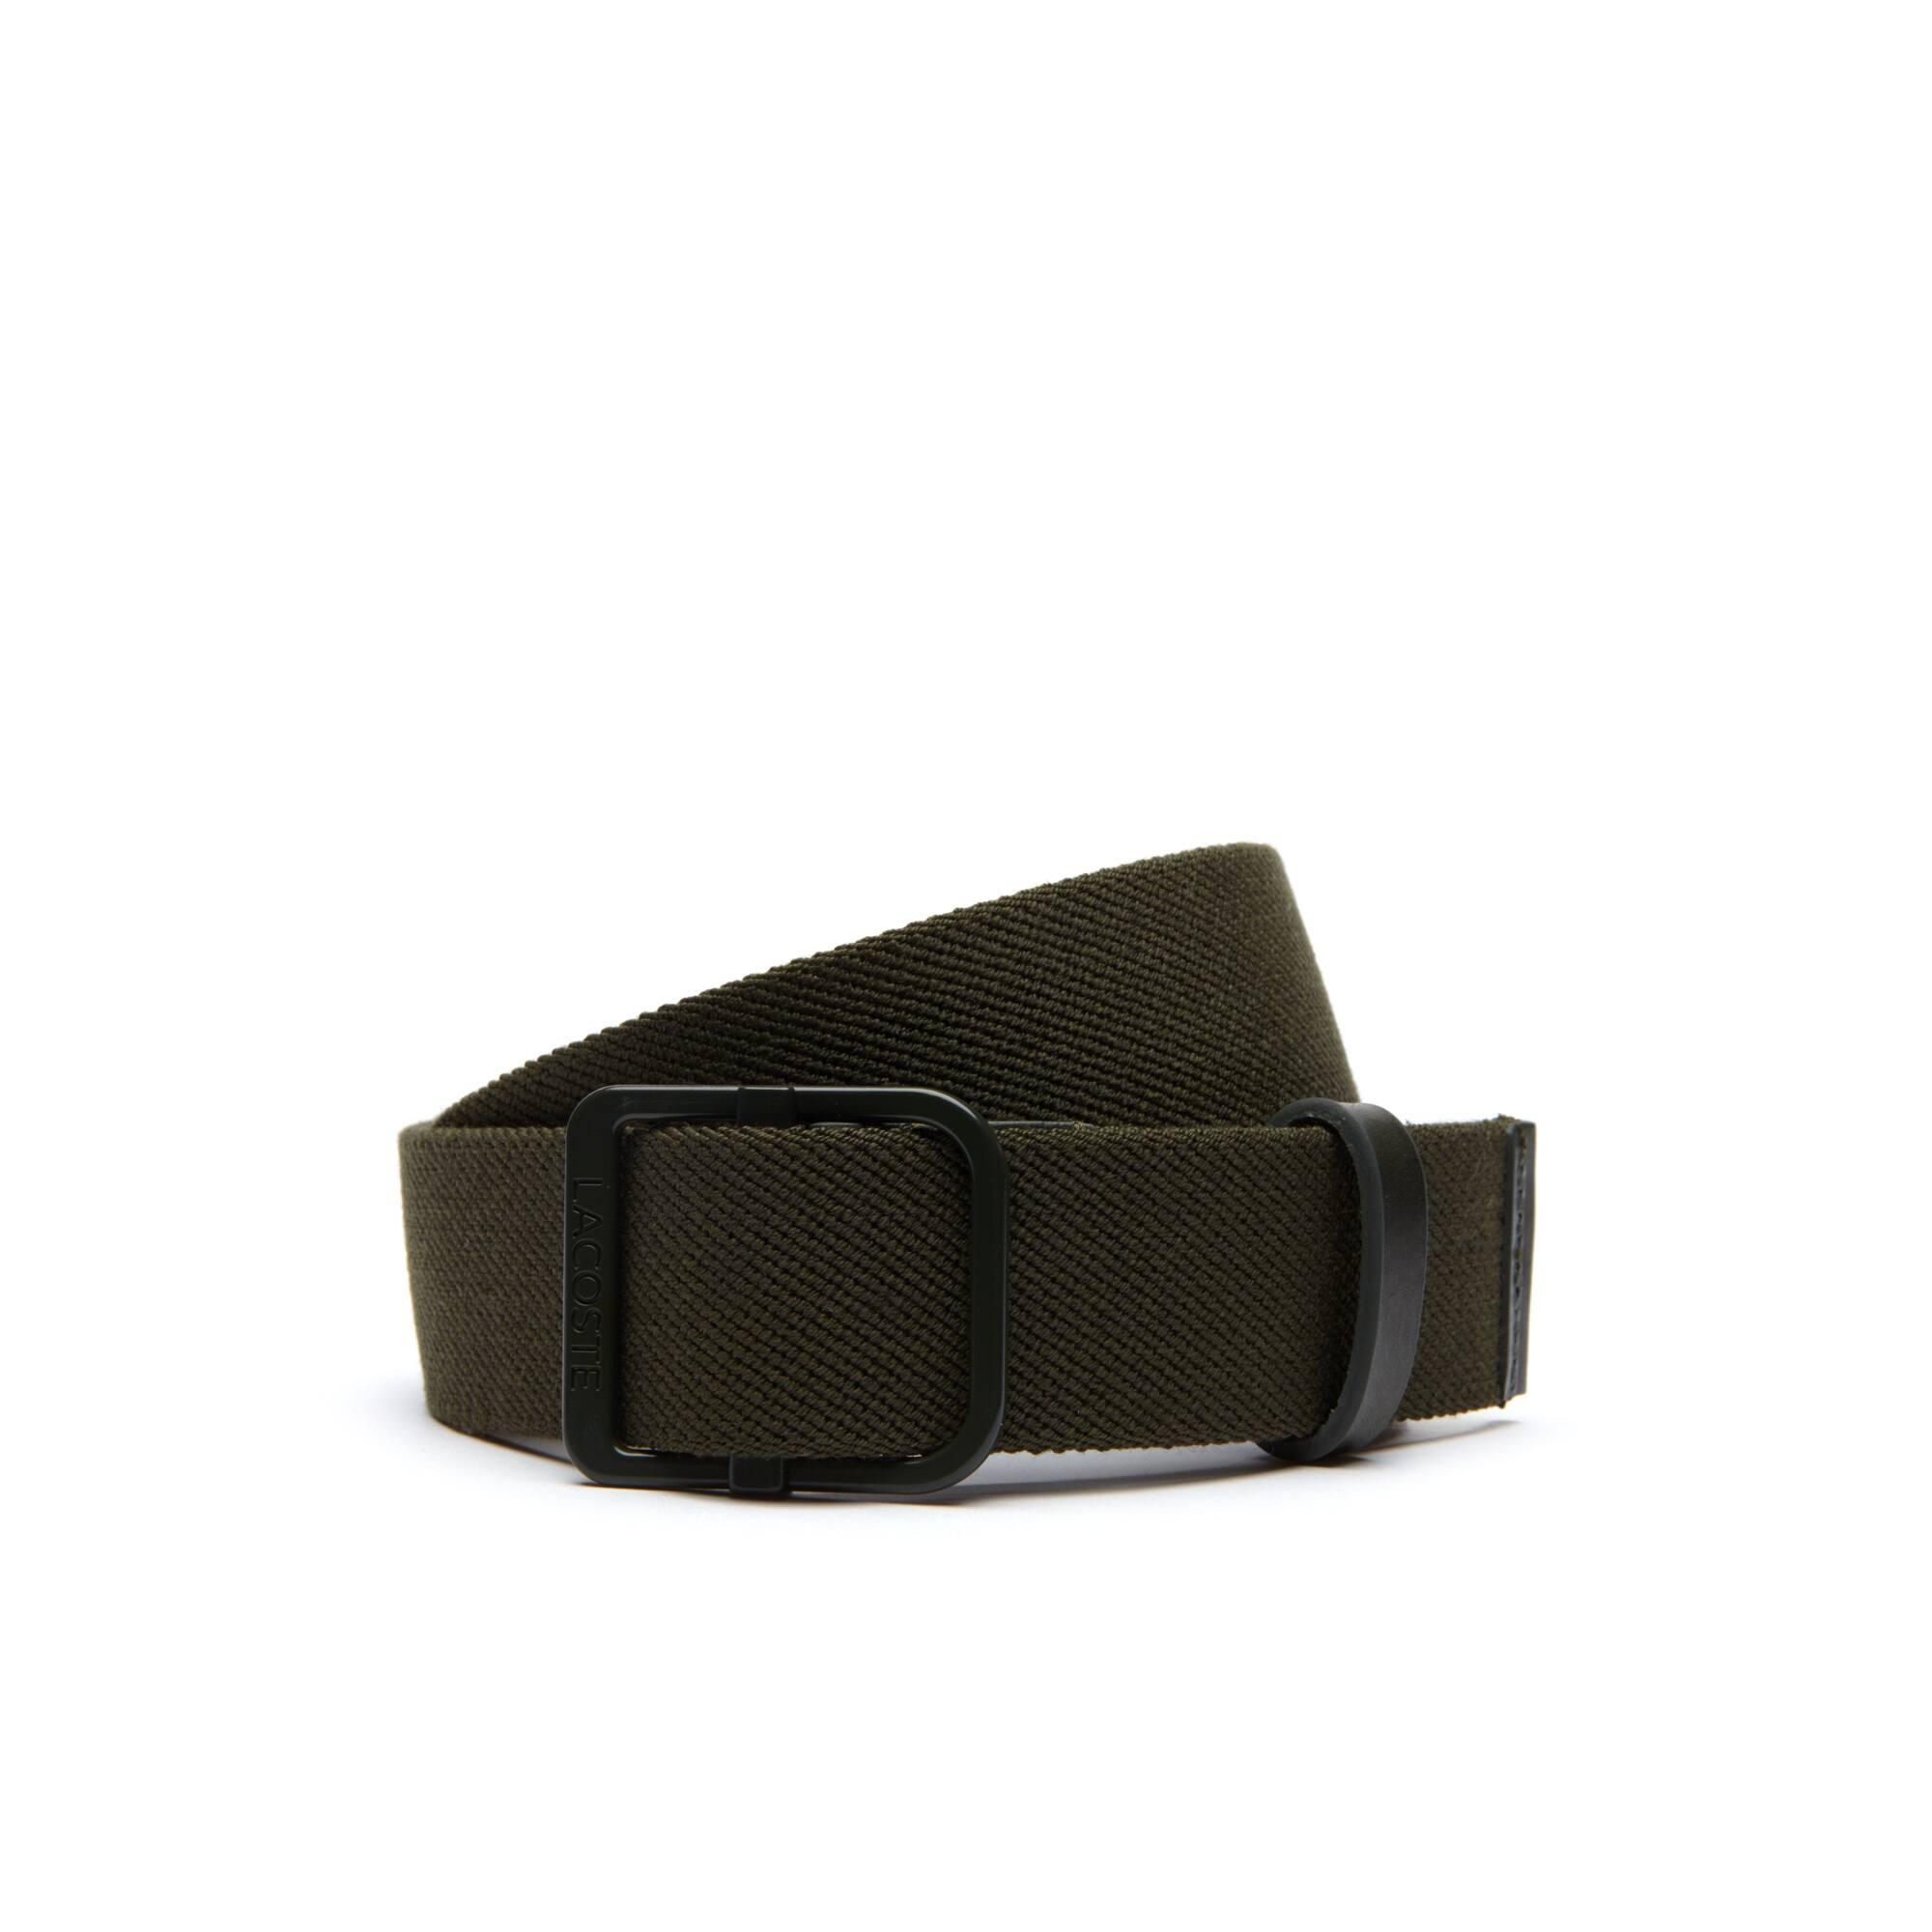 Cintura intrecciata estensibile con clip autobloccante Lacoste Motion da uomo